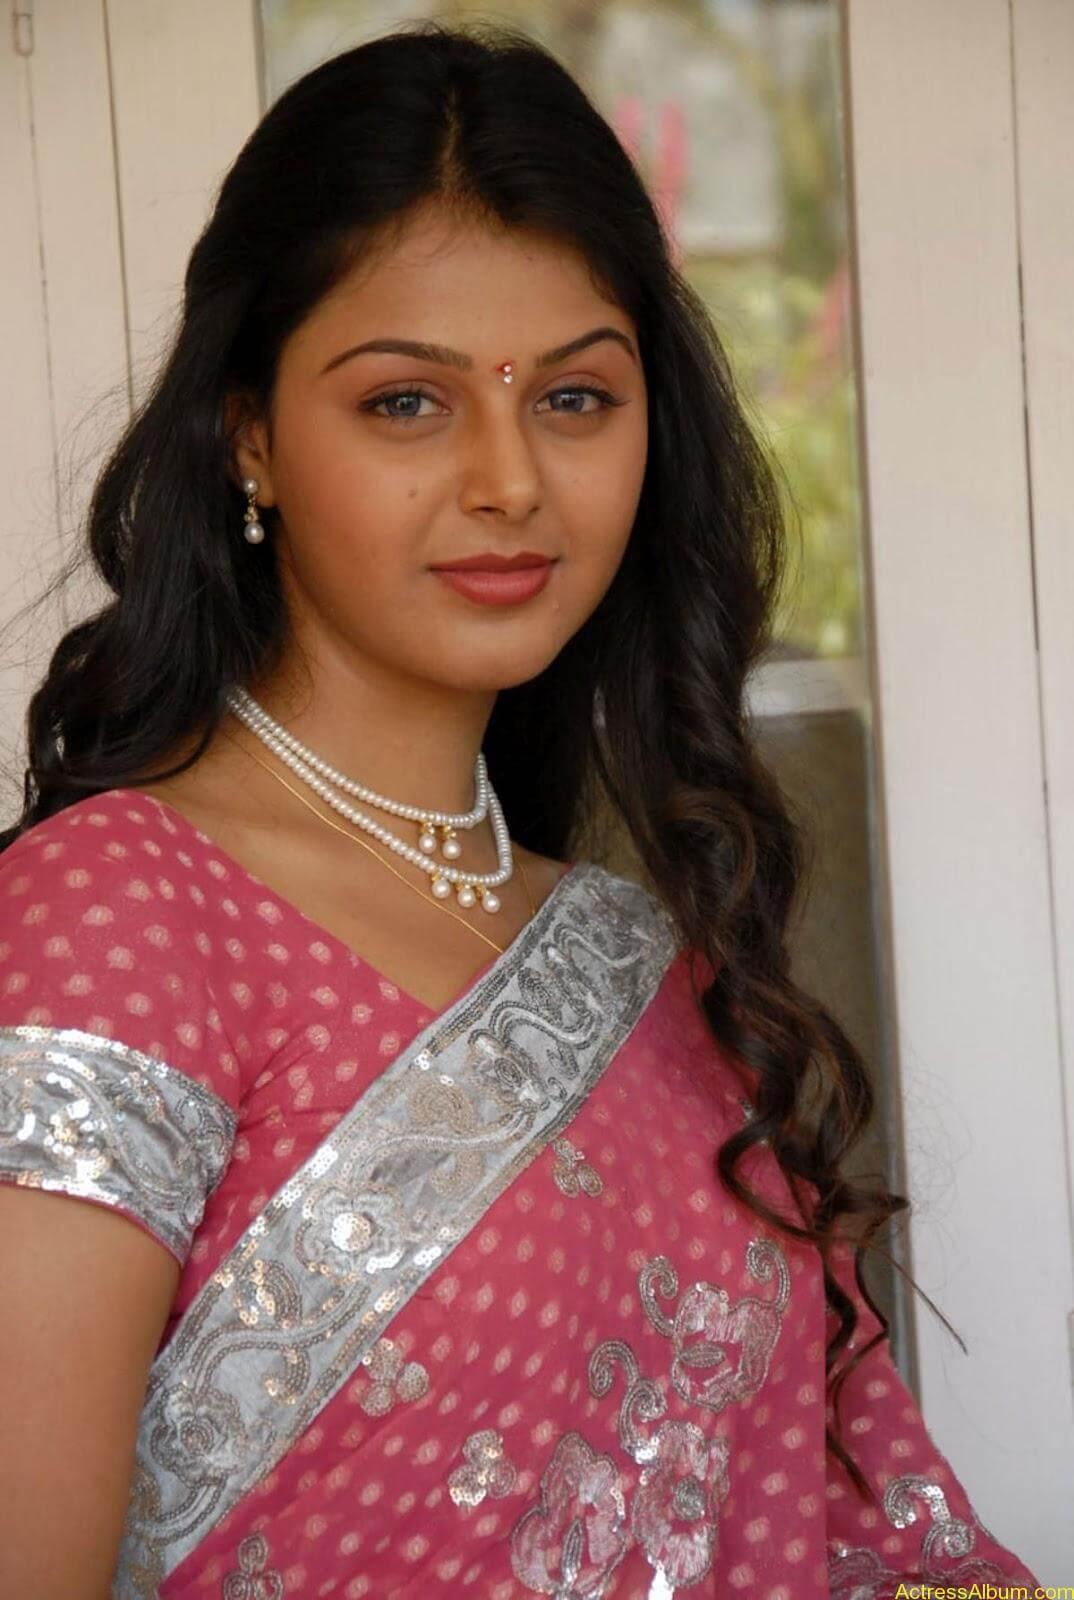 Monal gajjar Hot Saree Stills (9)